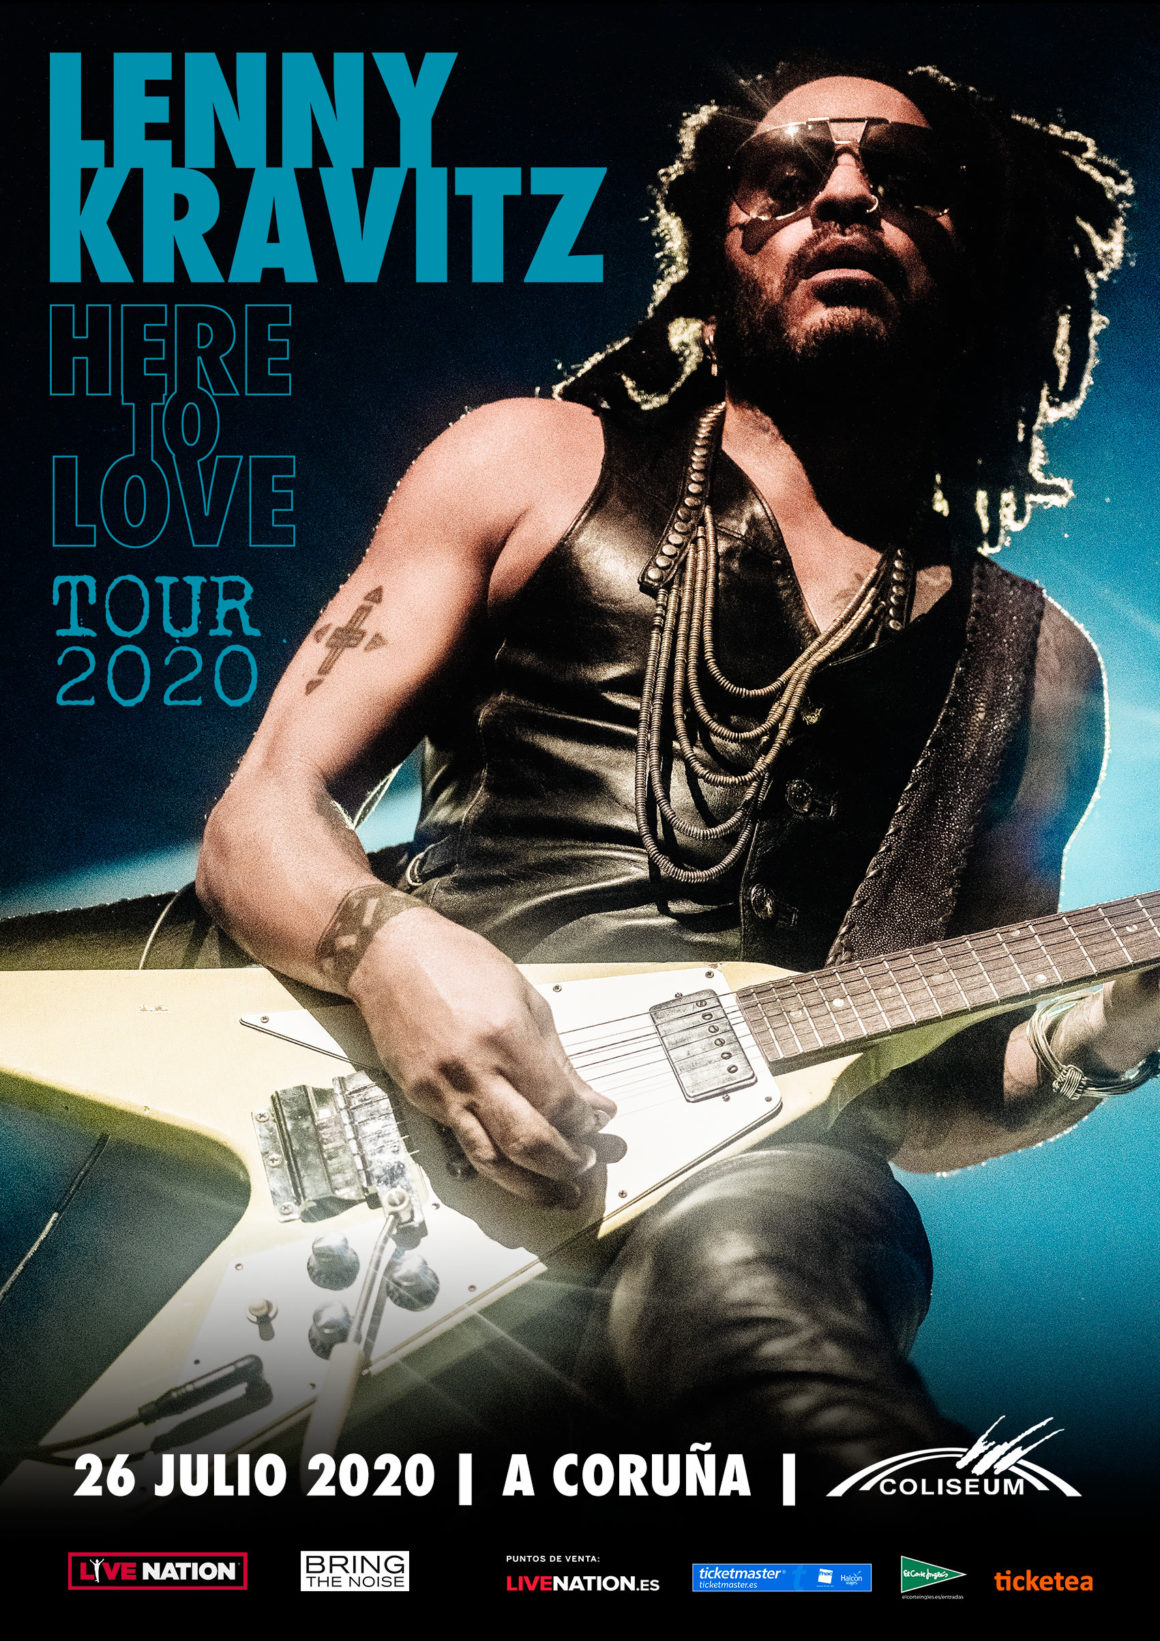 LENNY KRAVITZ anuncia nueva gira mundial «HERE TO LOVE» con parada en A Coruña el próximo 26 de julio 2020 en el Coliseum